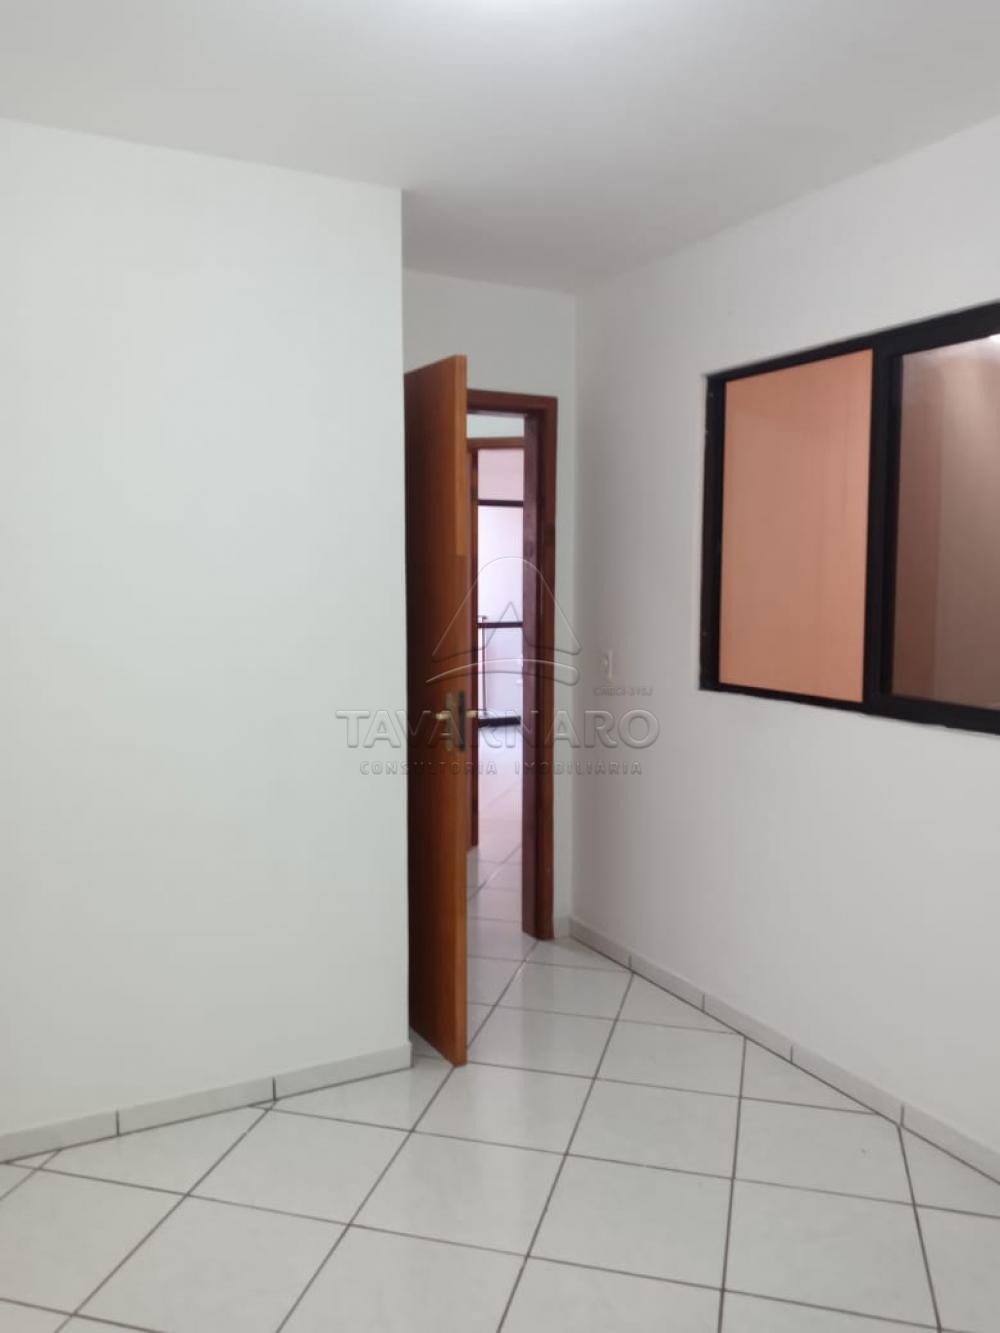 Alugar Casa / Sobrado em Ponta Grossa R$ 950,00 - Foto 12